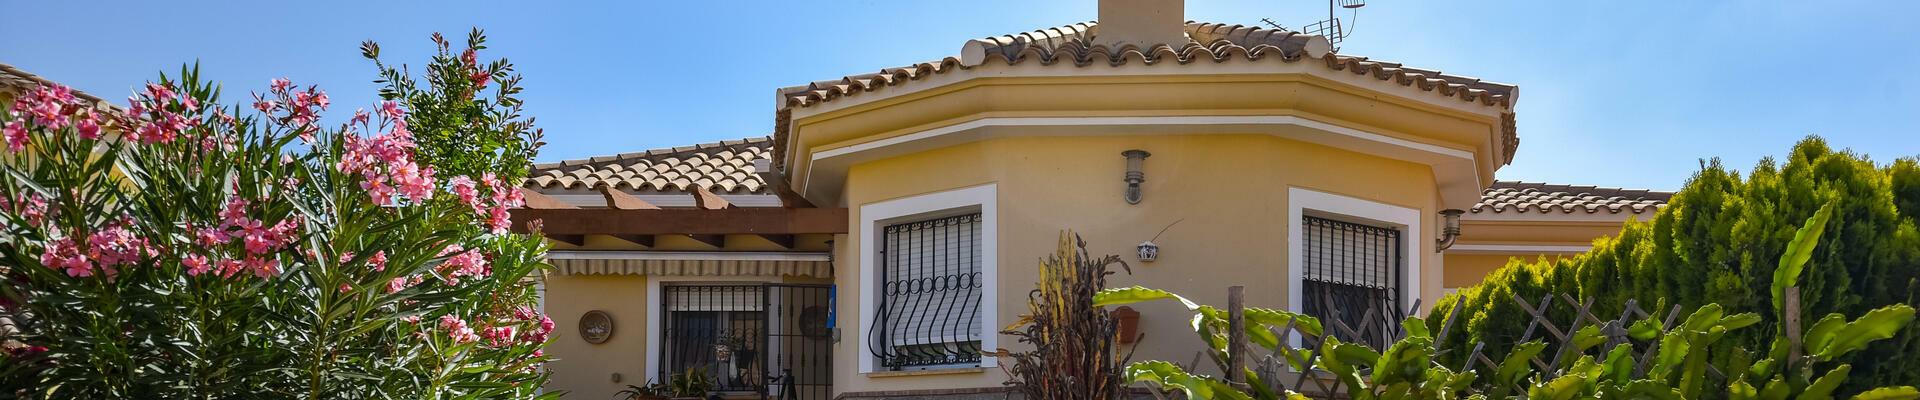 DV1490: 3 Bedroom Villa for Sale